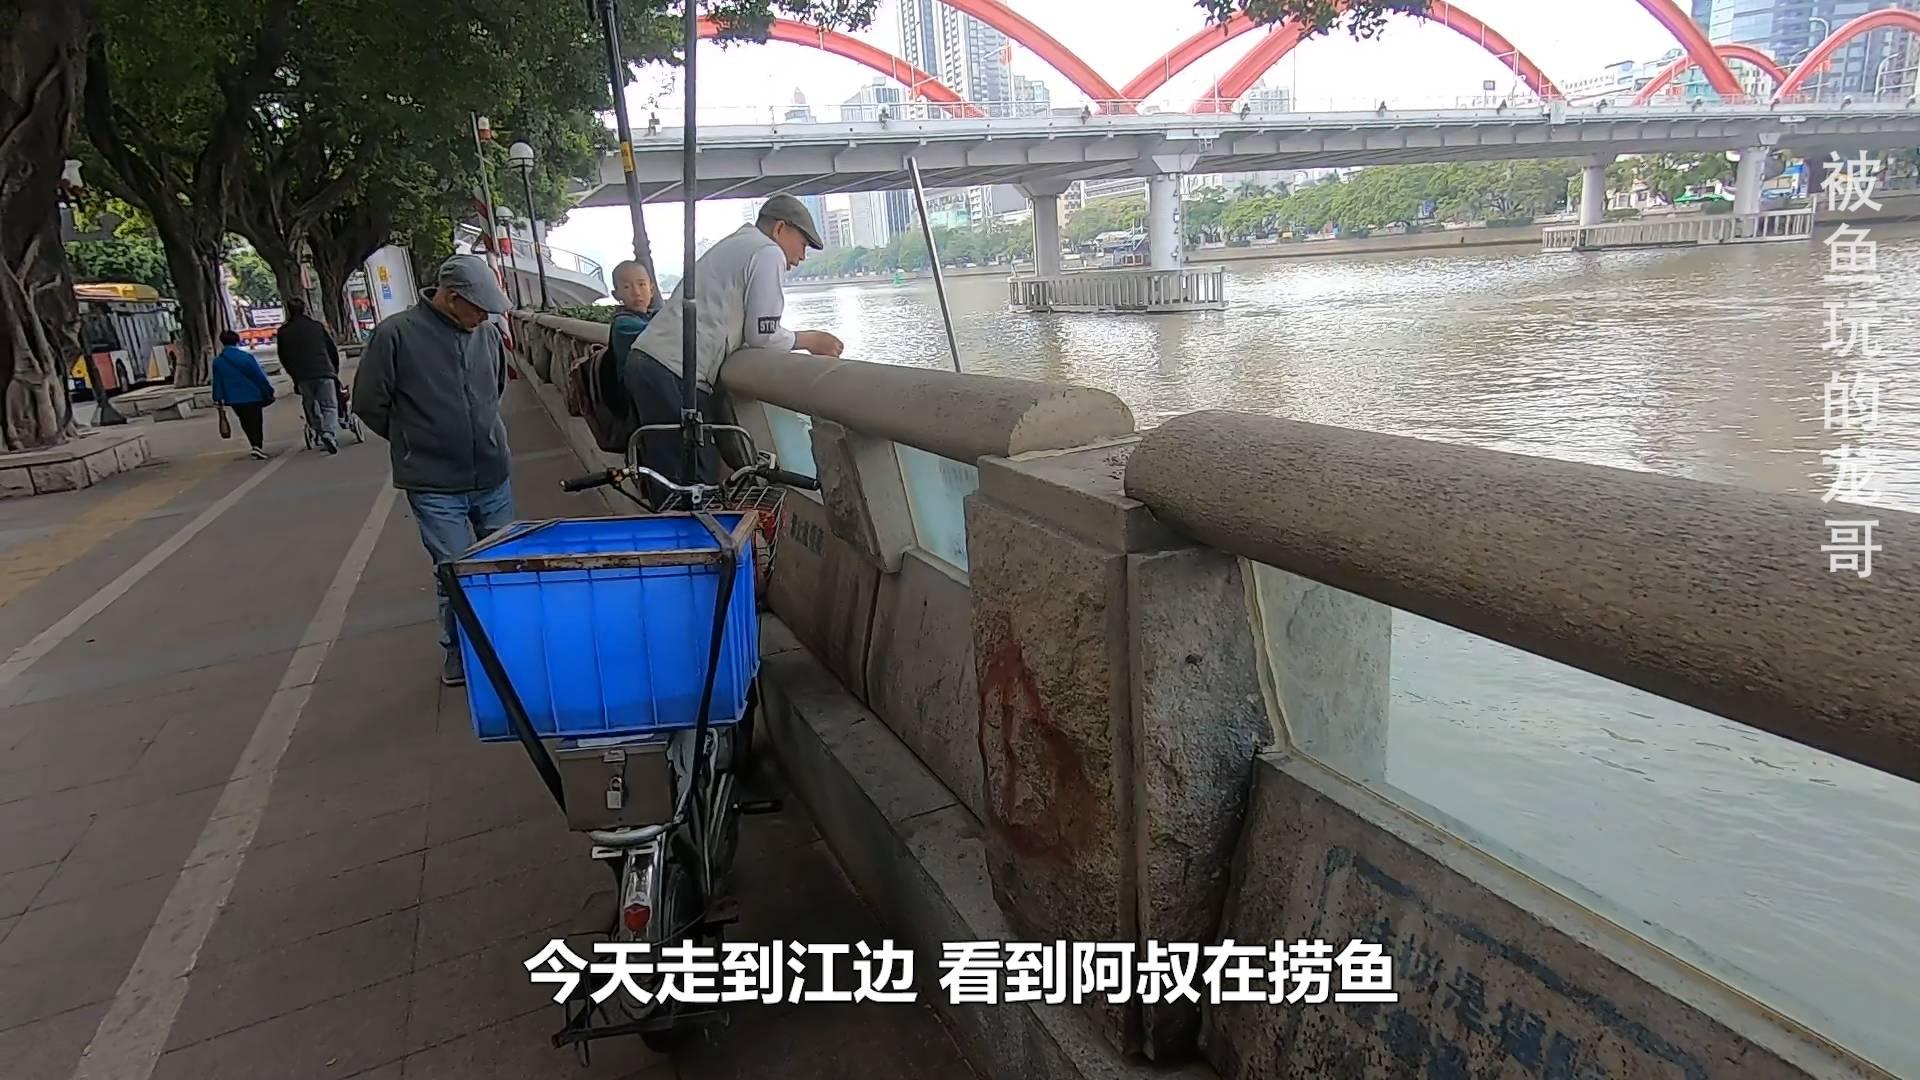 广州珠江边大叔们捞鱼,每天都搞到好几斤大货,这鱼和龟能吃吗?